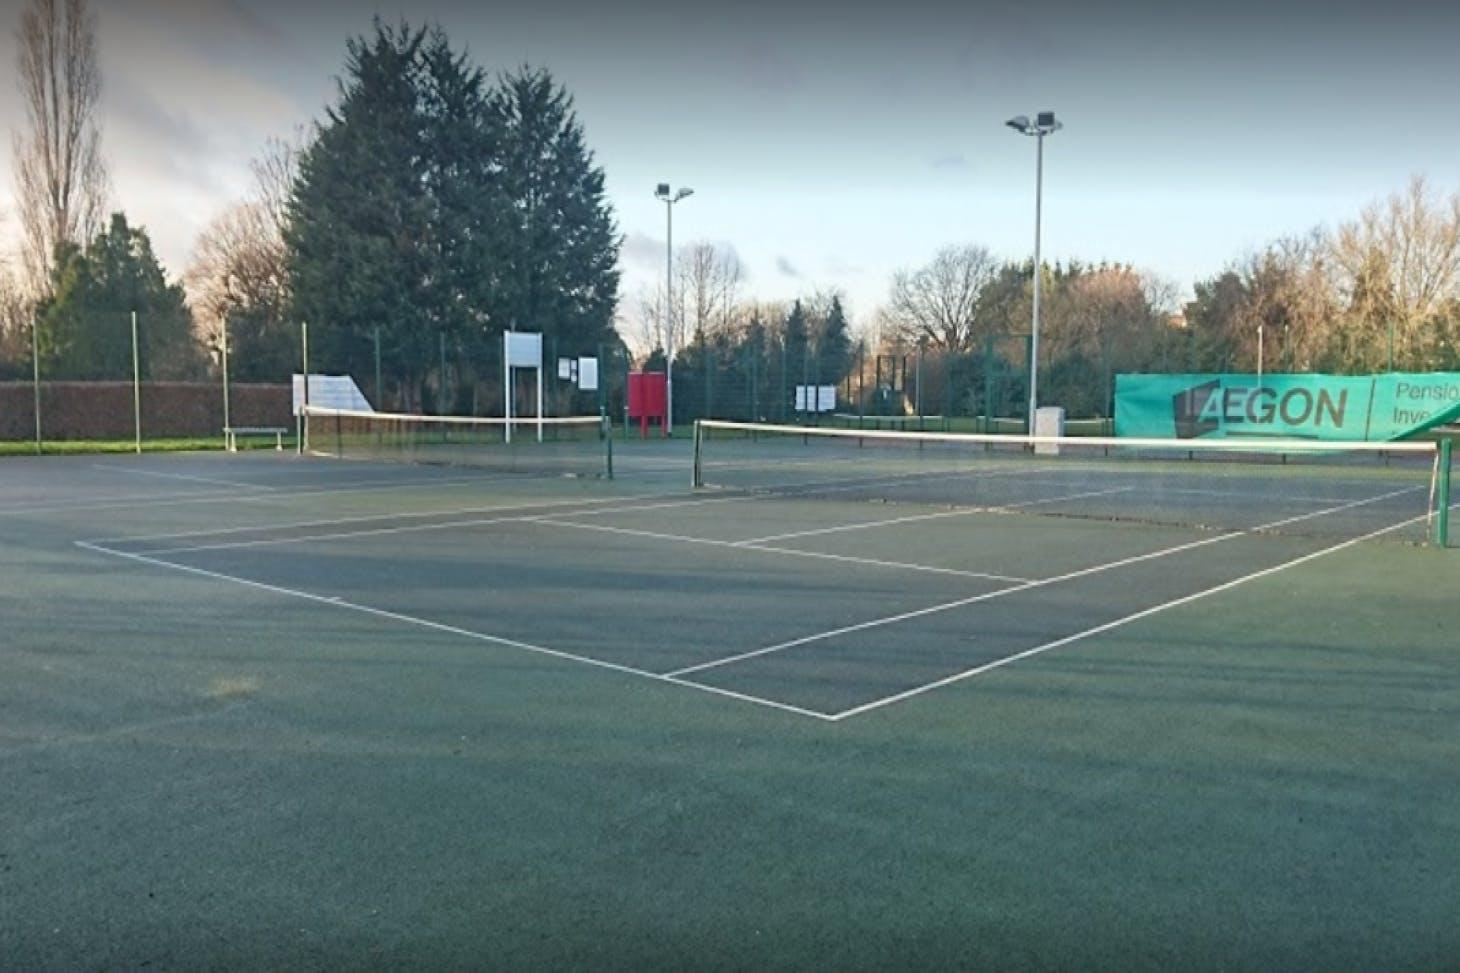 Hornfair Park Outdoor | Hard (macadam) tennis court